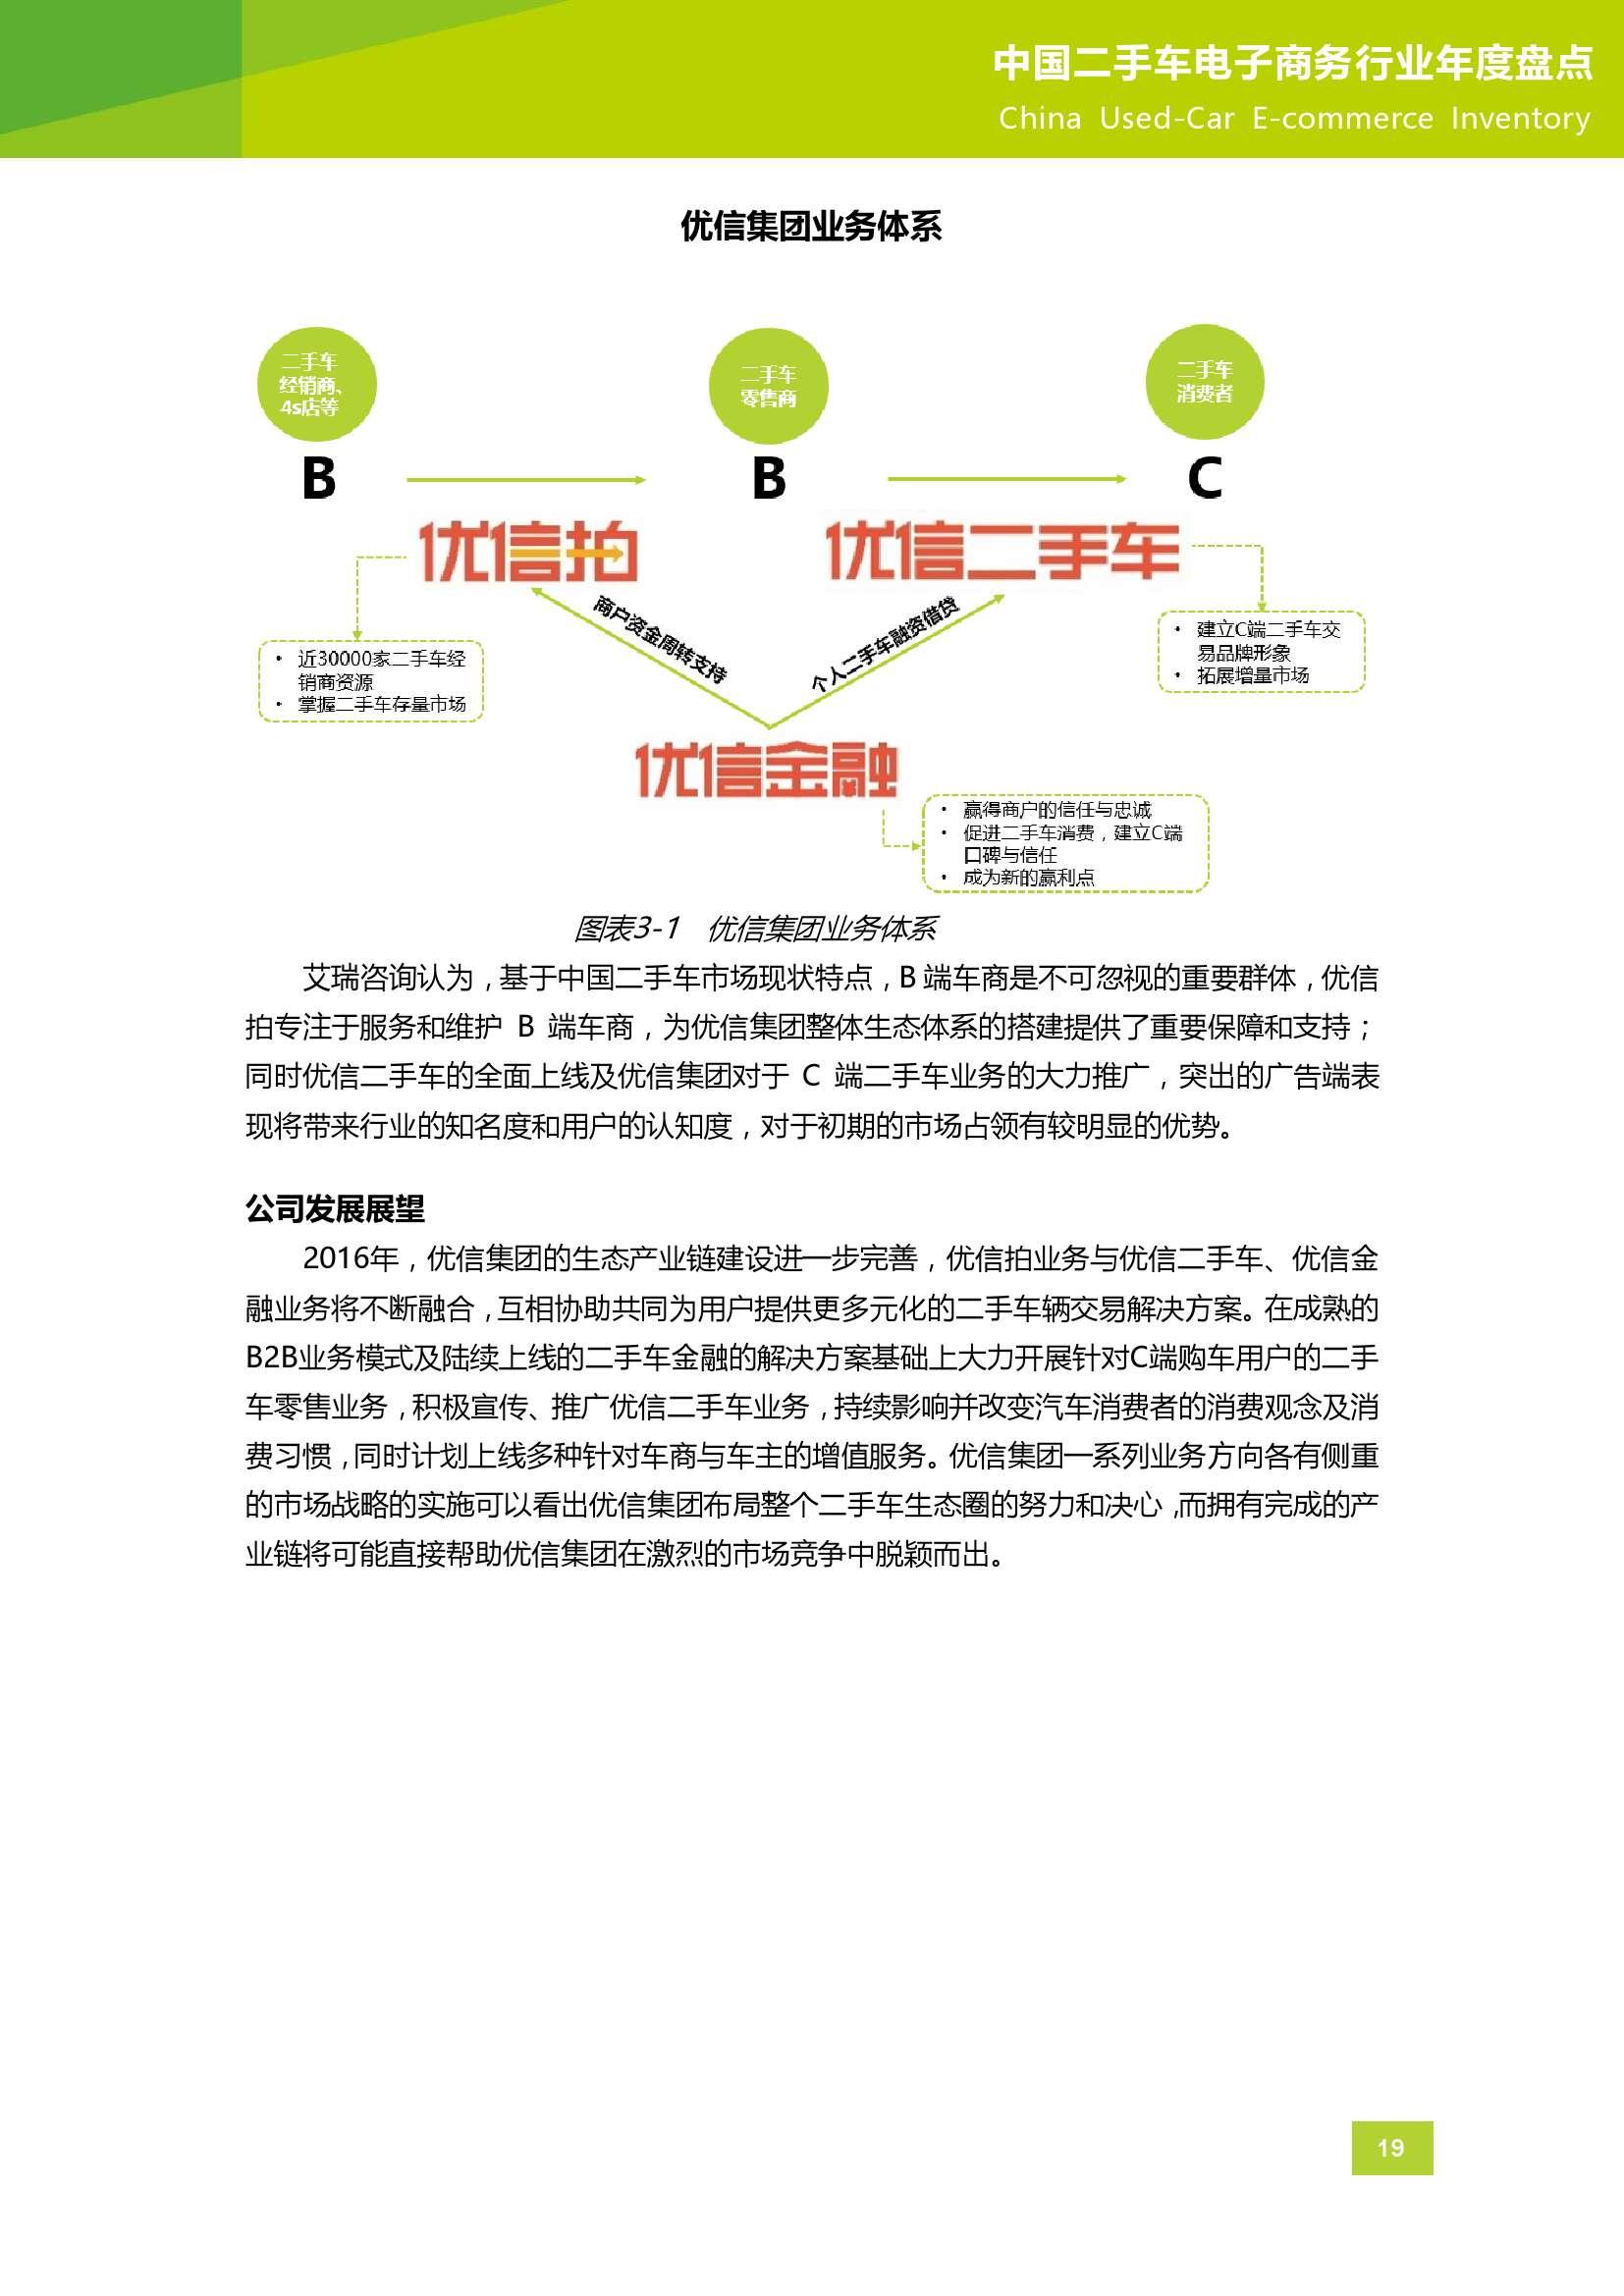 2015年中国二手车电子商务行业年度盘点_000020